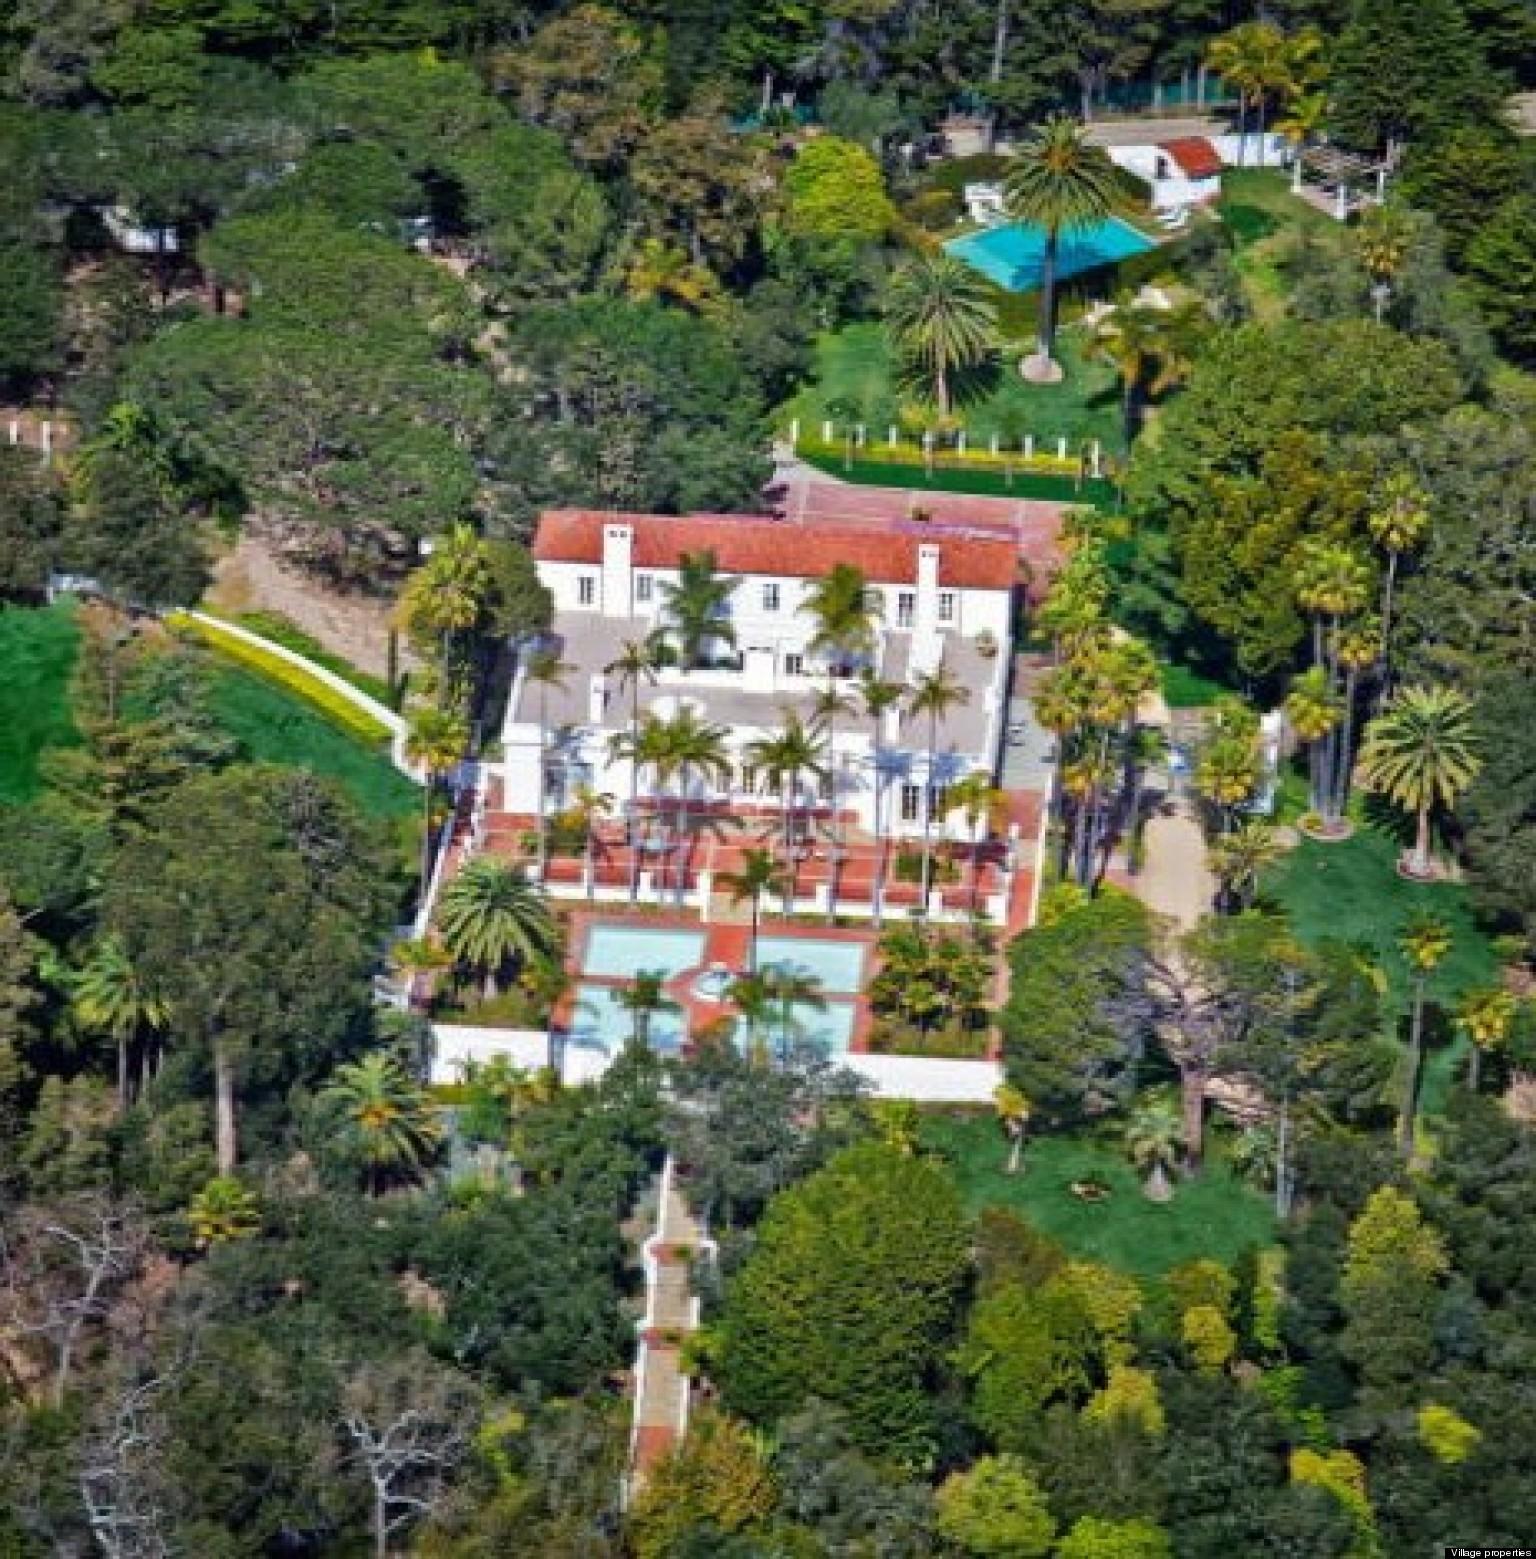 la-maison-de-tony-montana-dans-scarface-est-a-vendre-35-millions-de-dollars-06